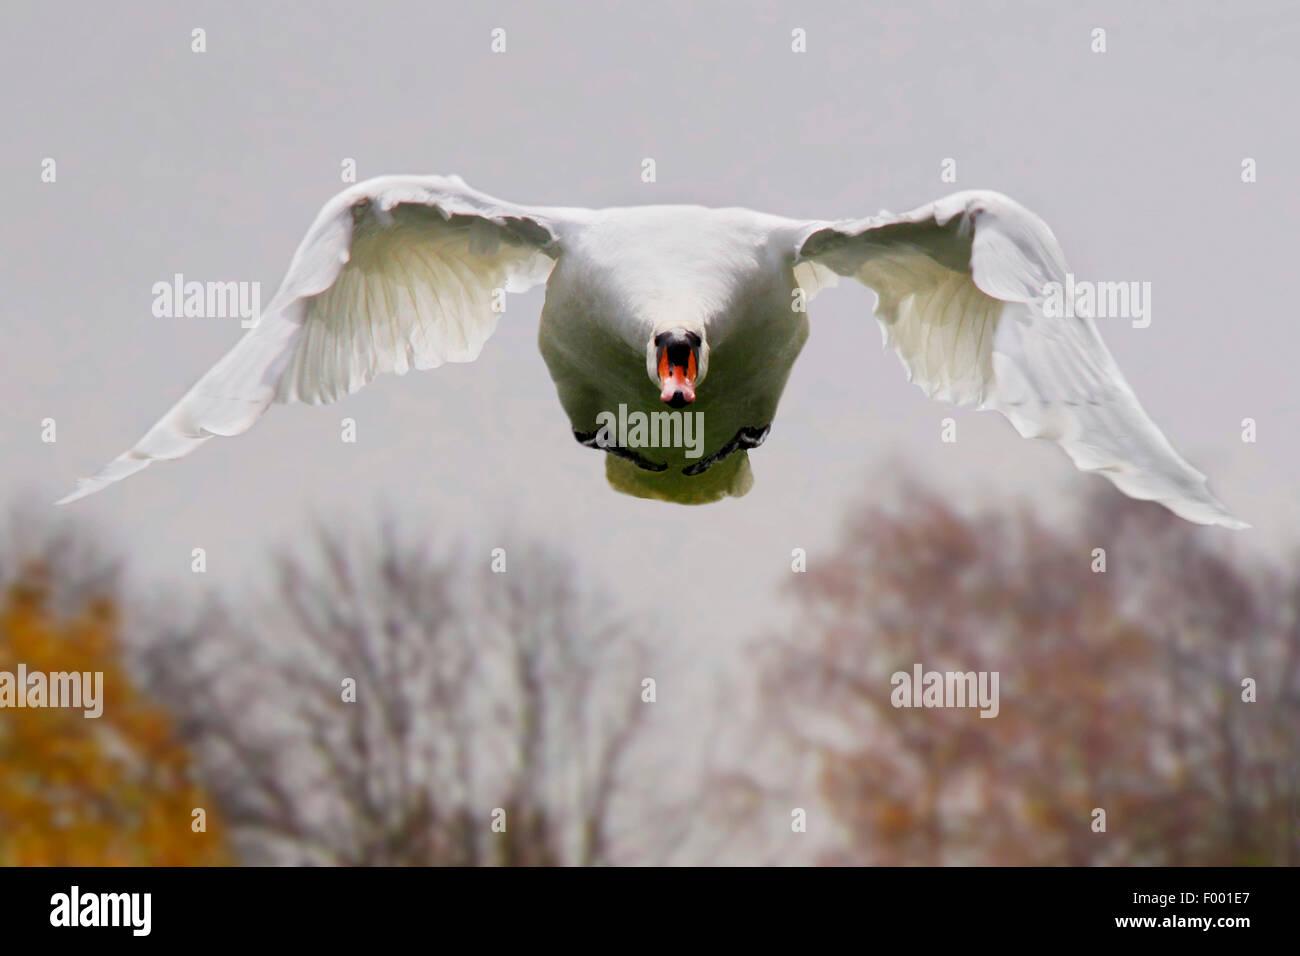 Cigno (Cygnus olor), in volo vista frontale, Germania Immagini Stock